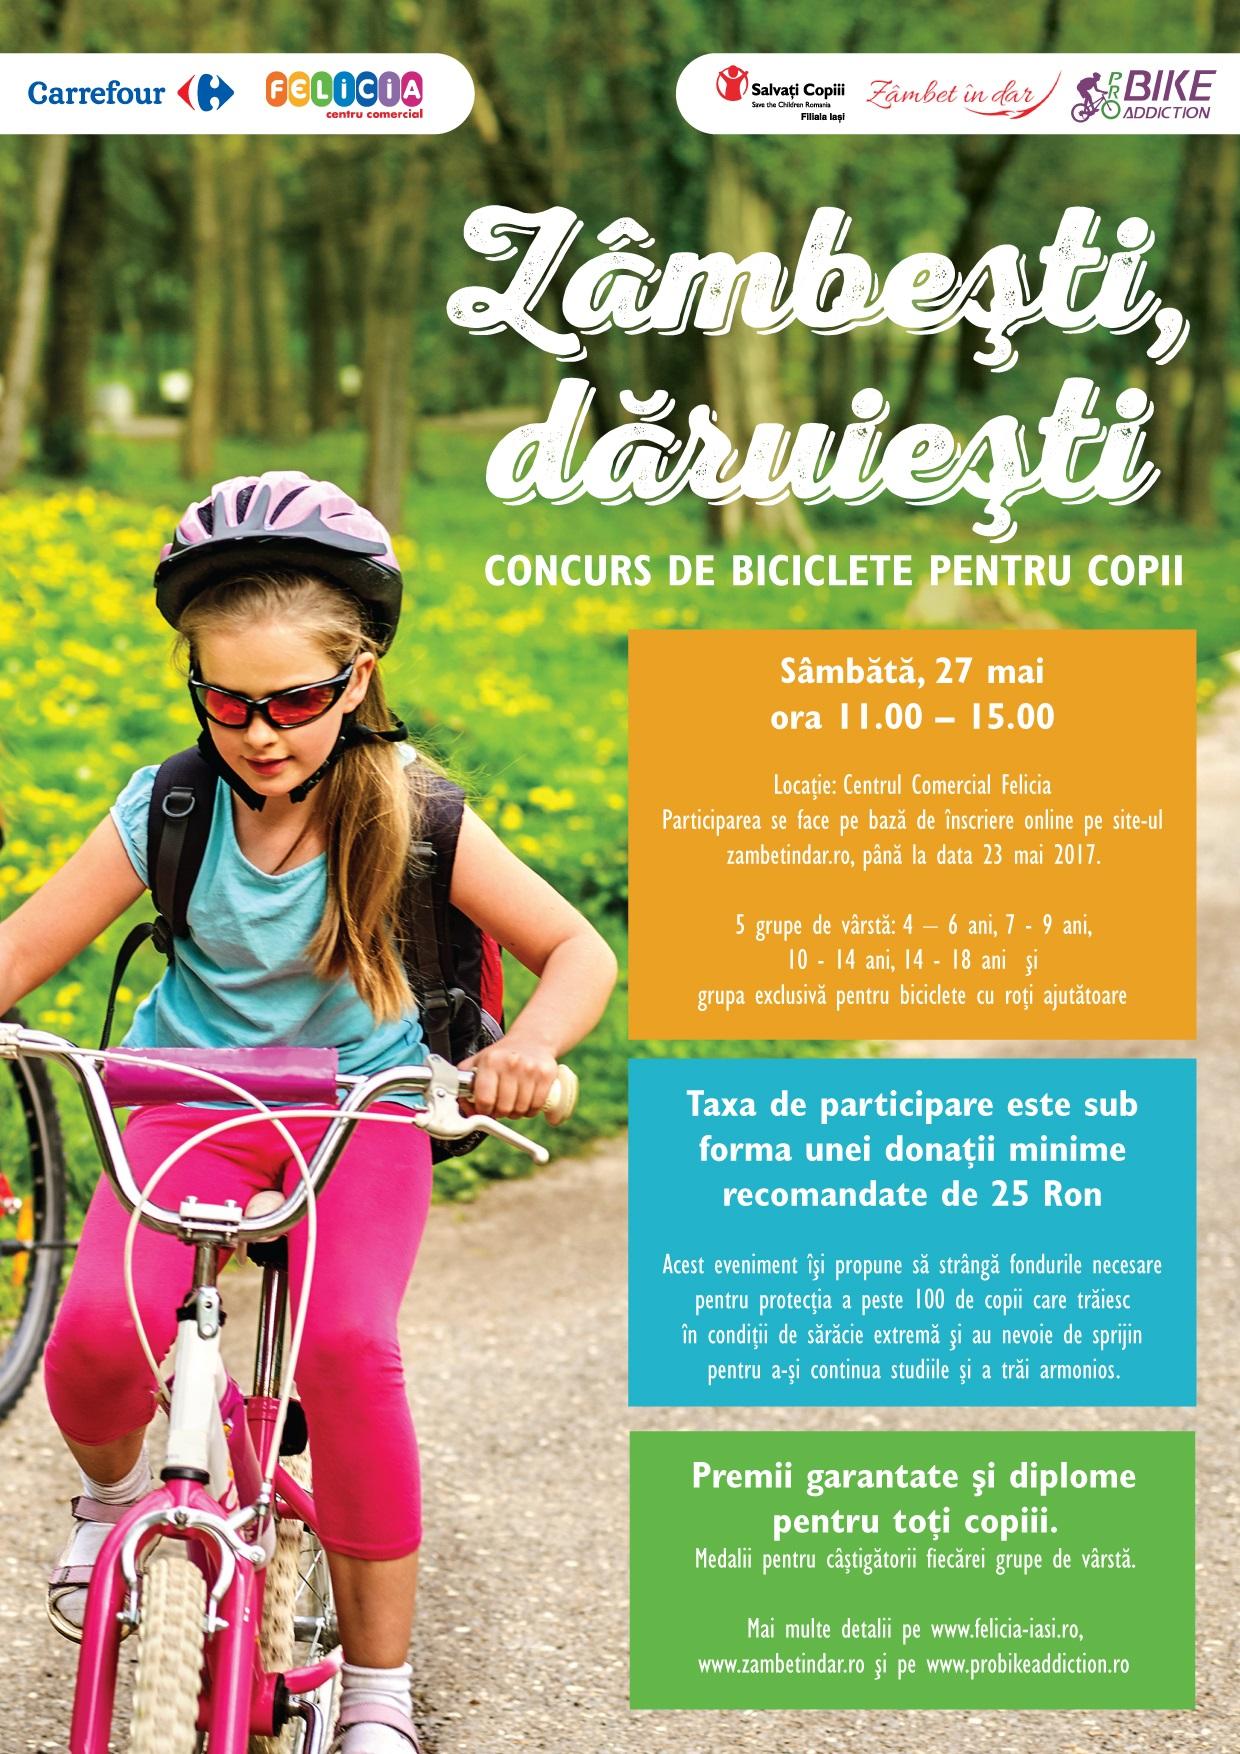 concurs+biciclete+salvati+copii+iasi+felicia